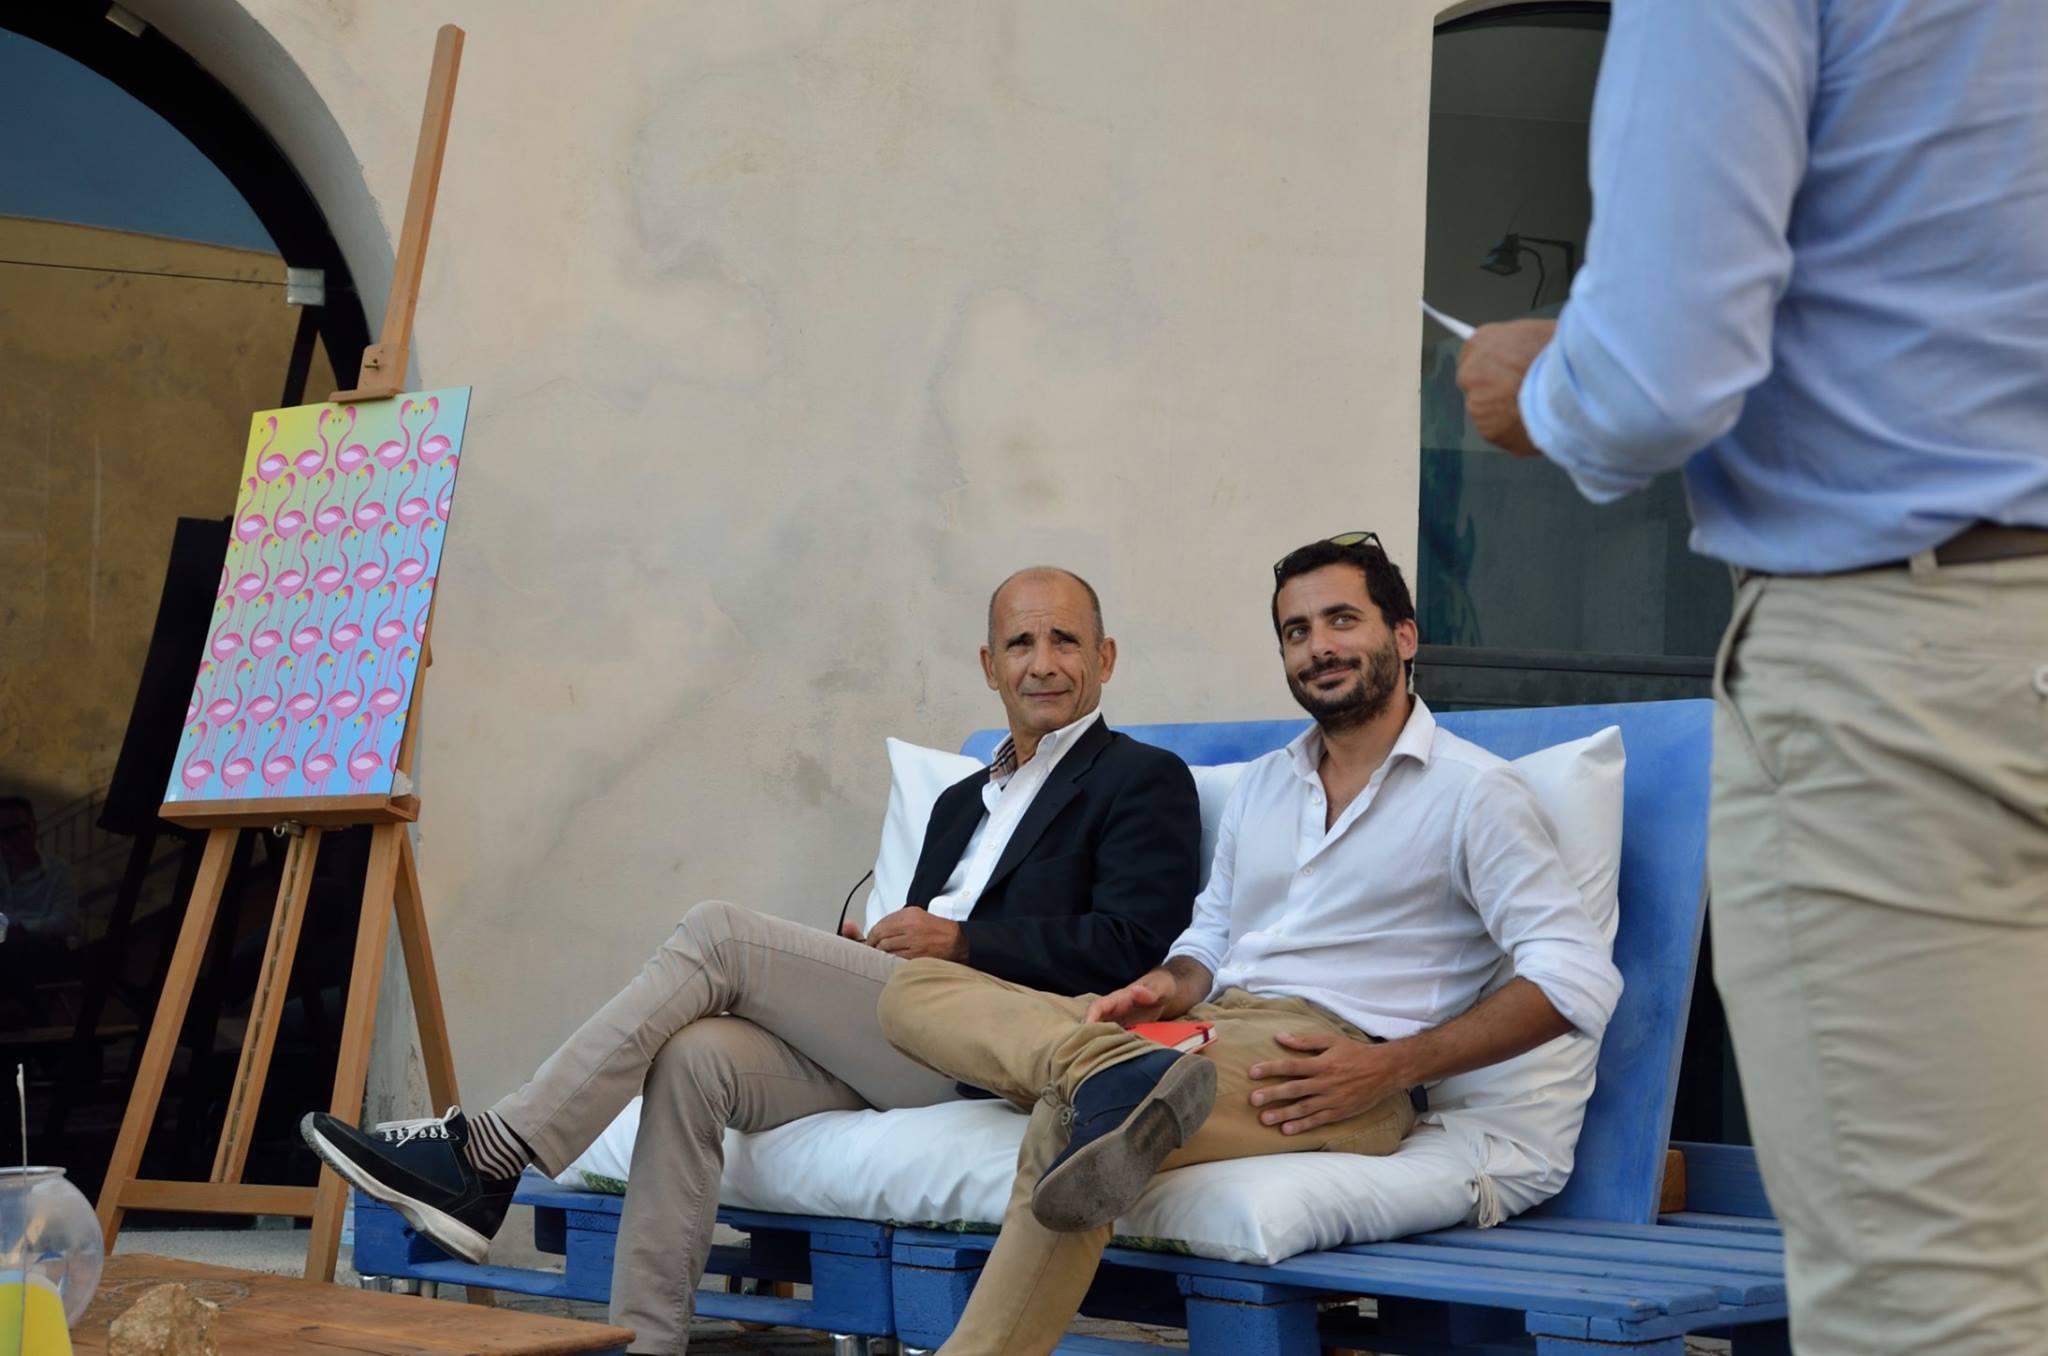 Cagliari misterybox: sul futuro dei grandi contenitori urbani